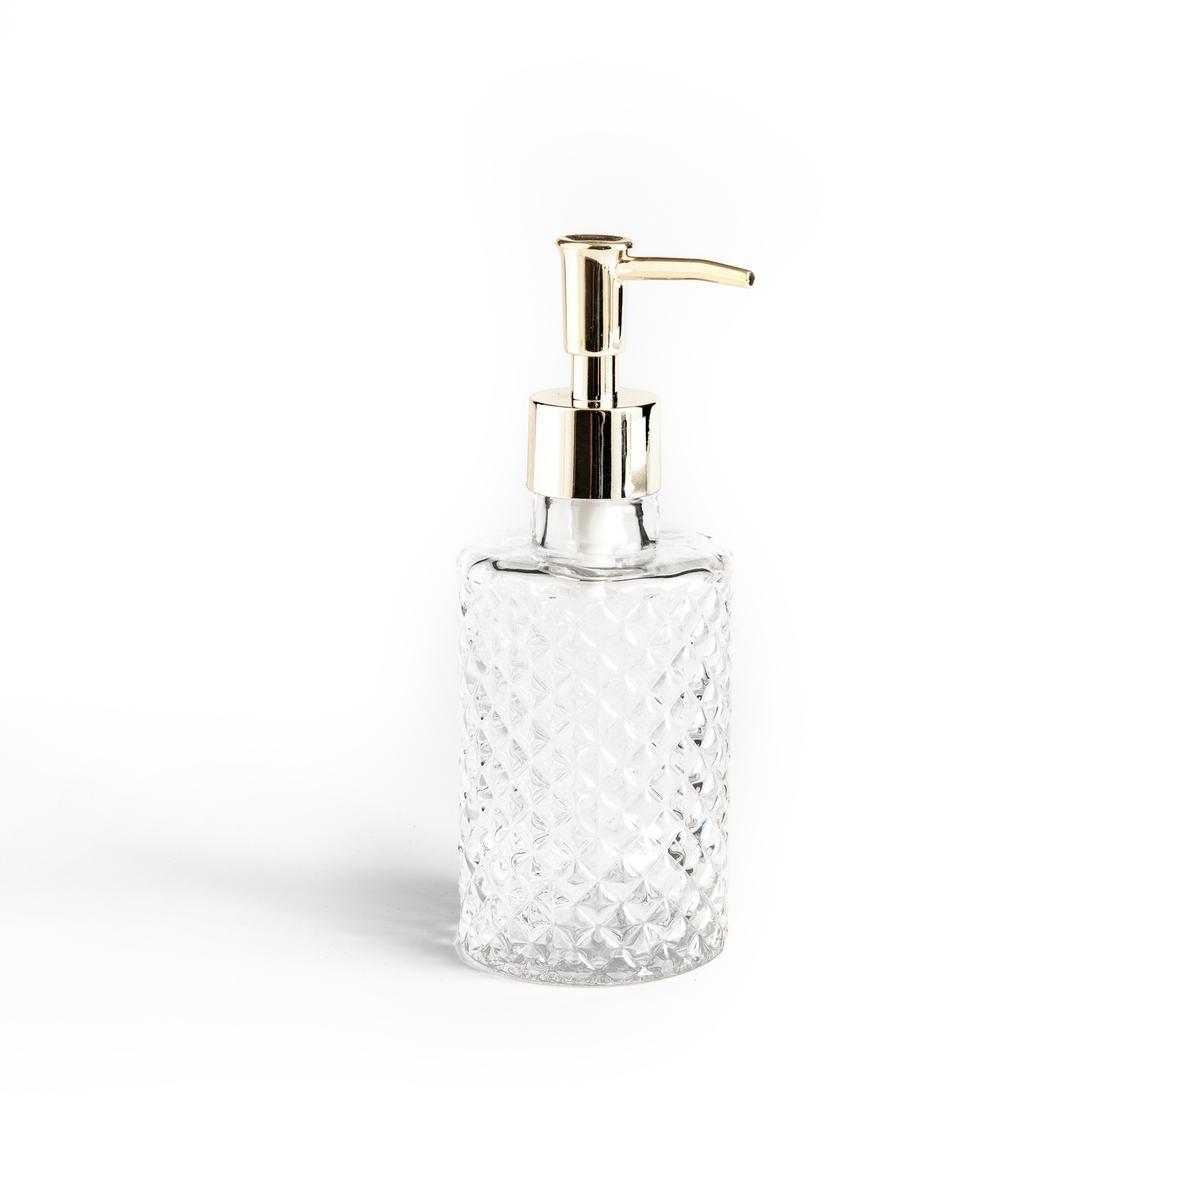 Дозатор жидкого мыла PLIAC дозатор жидкого мыла grampus laguna цвет хром